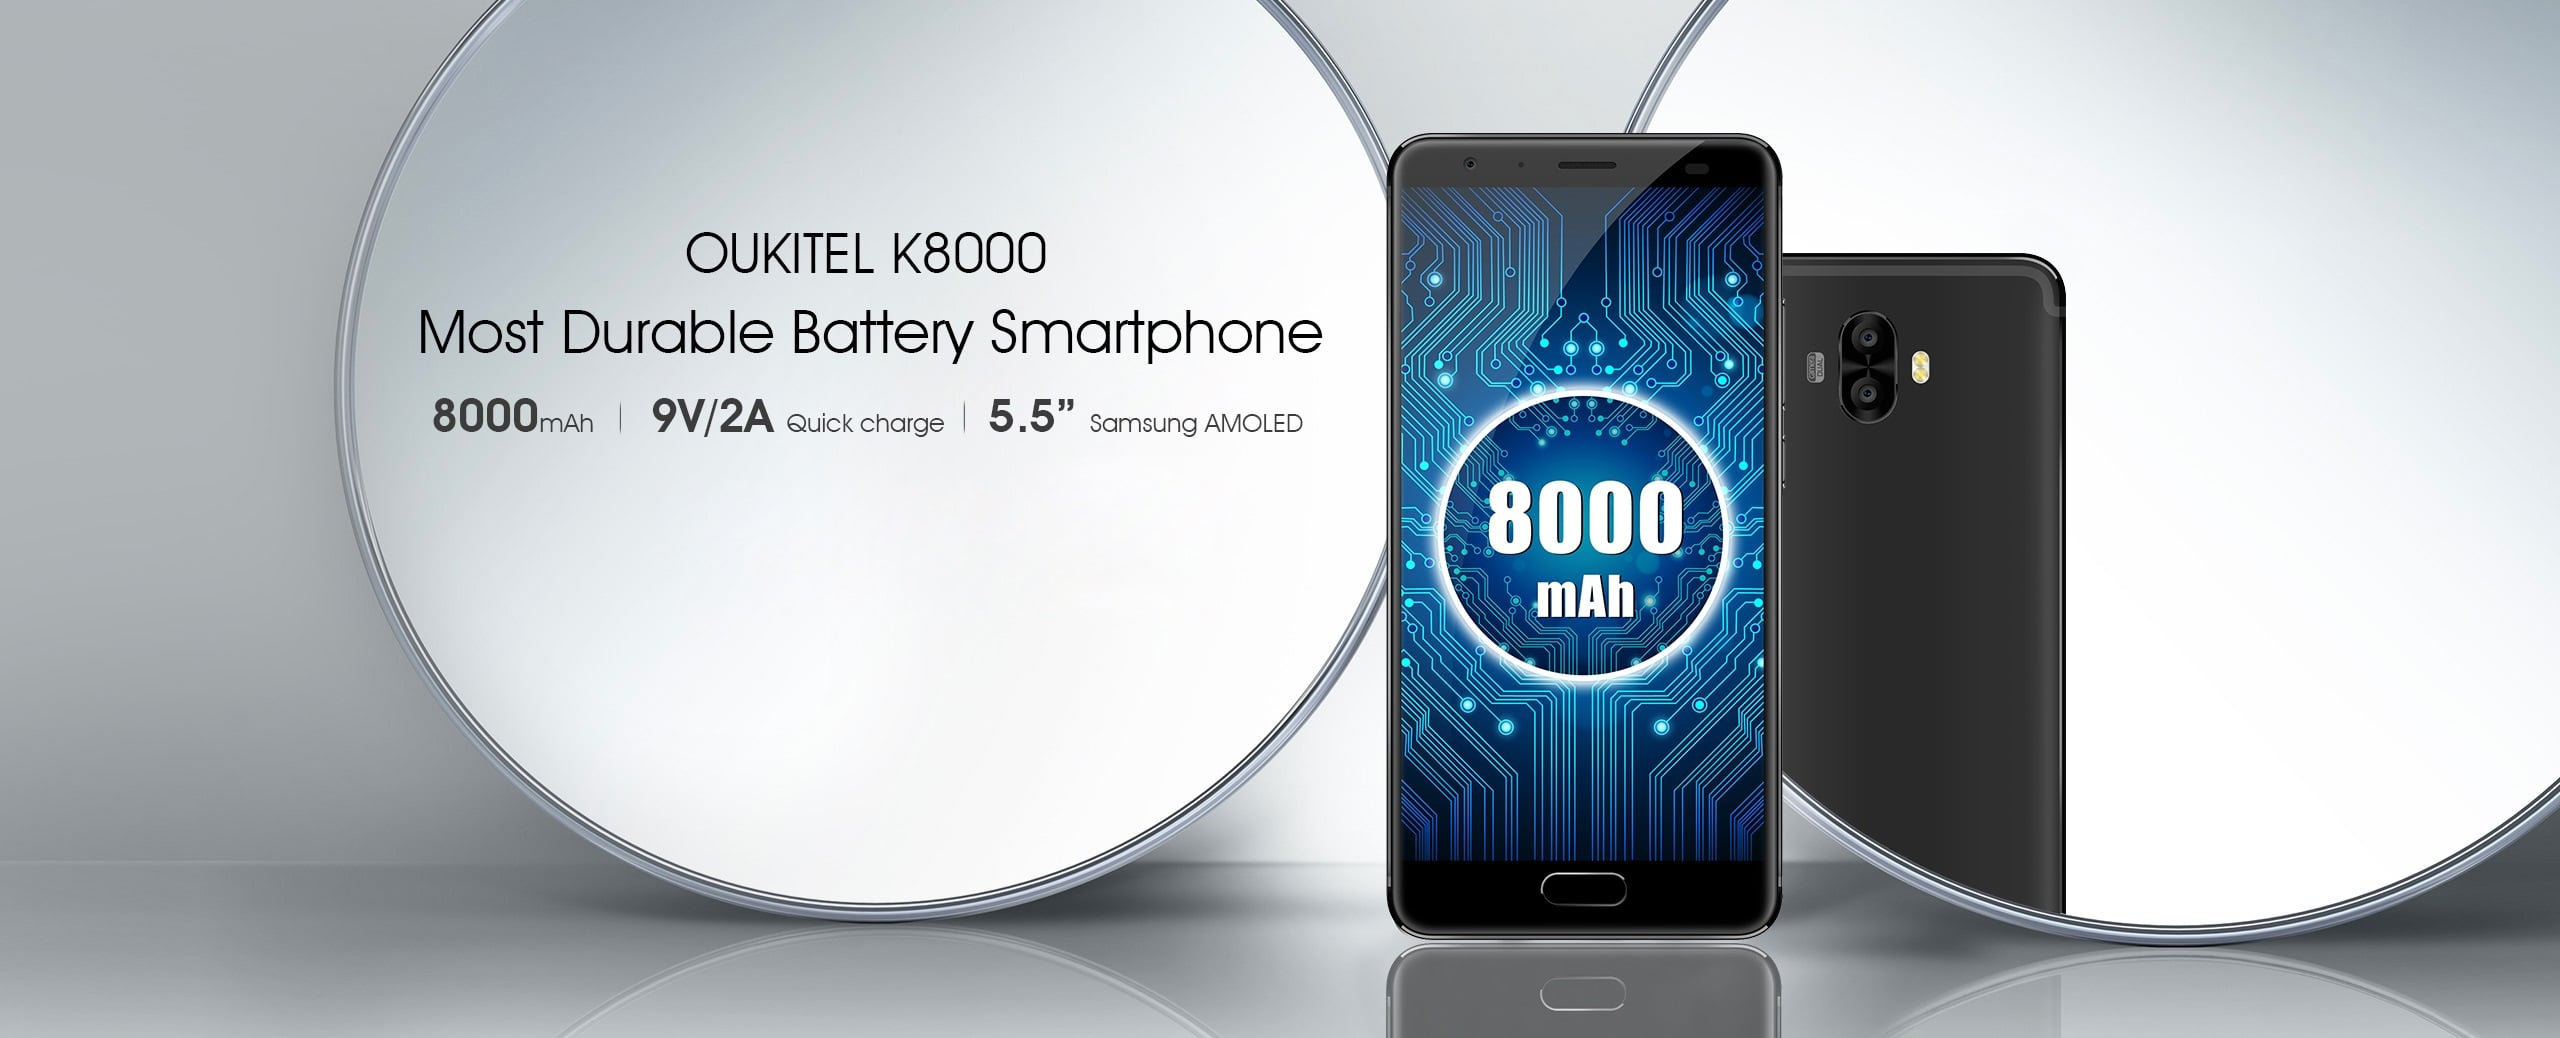 Tabletowo.pl Nadchodzi Oukitel K8000 z baterią 8000 mAh i 5,5-calowym ekranem AMOLED Android Chińskie Smartfony